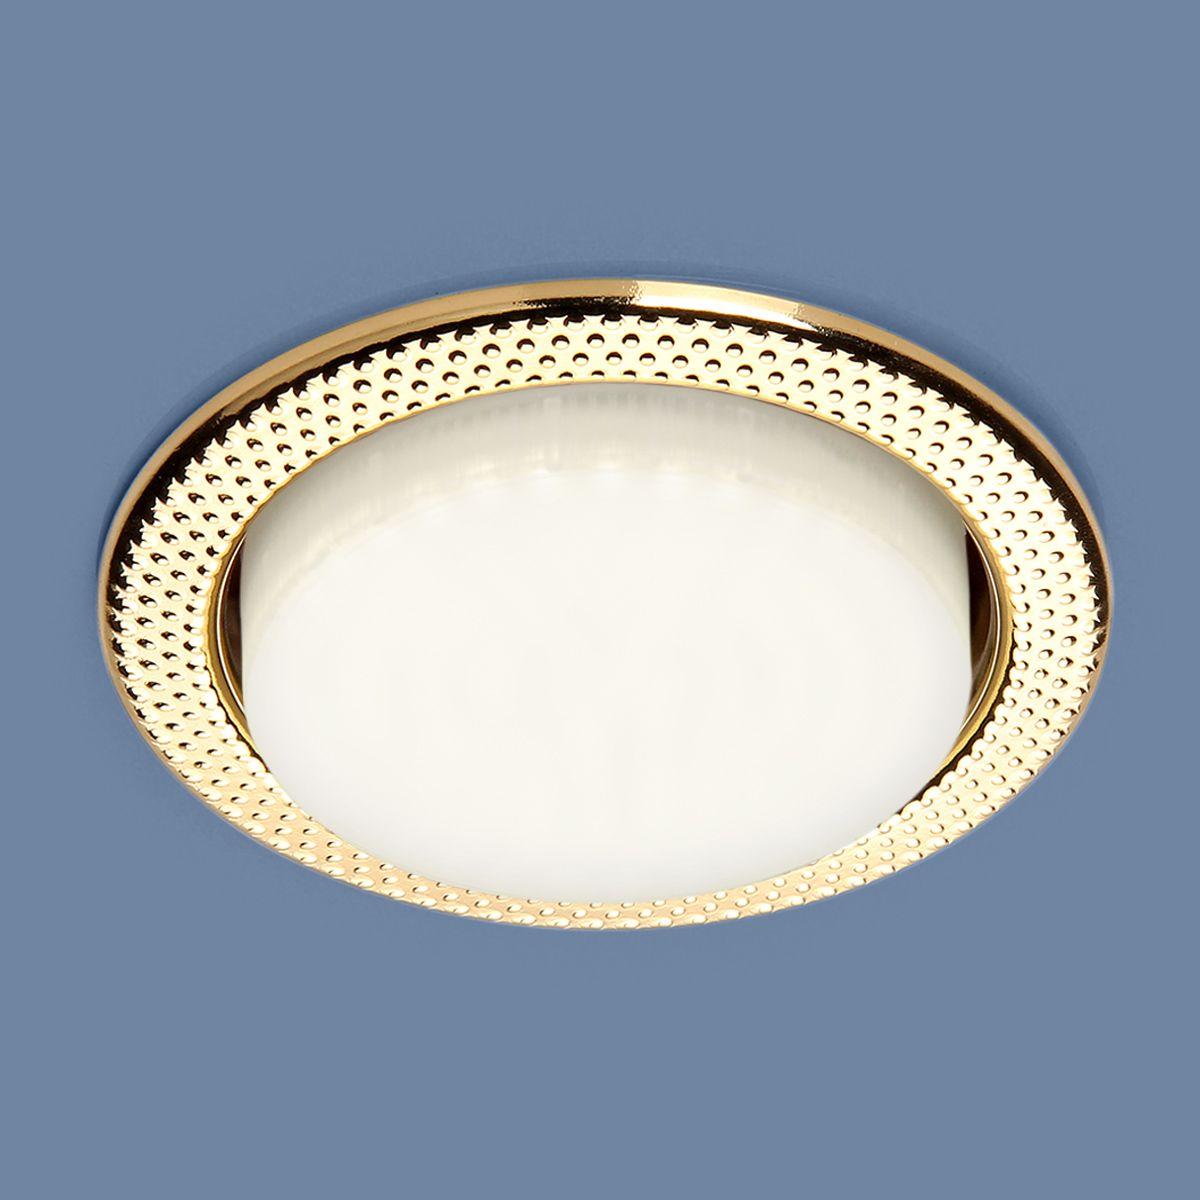 Встраиваемый точечный светильник 1066 GX53 GD золото